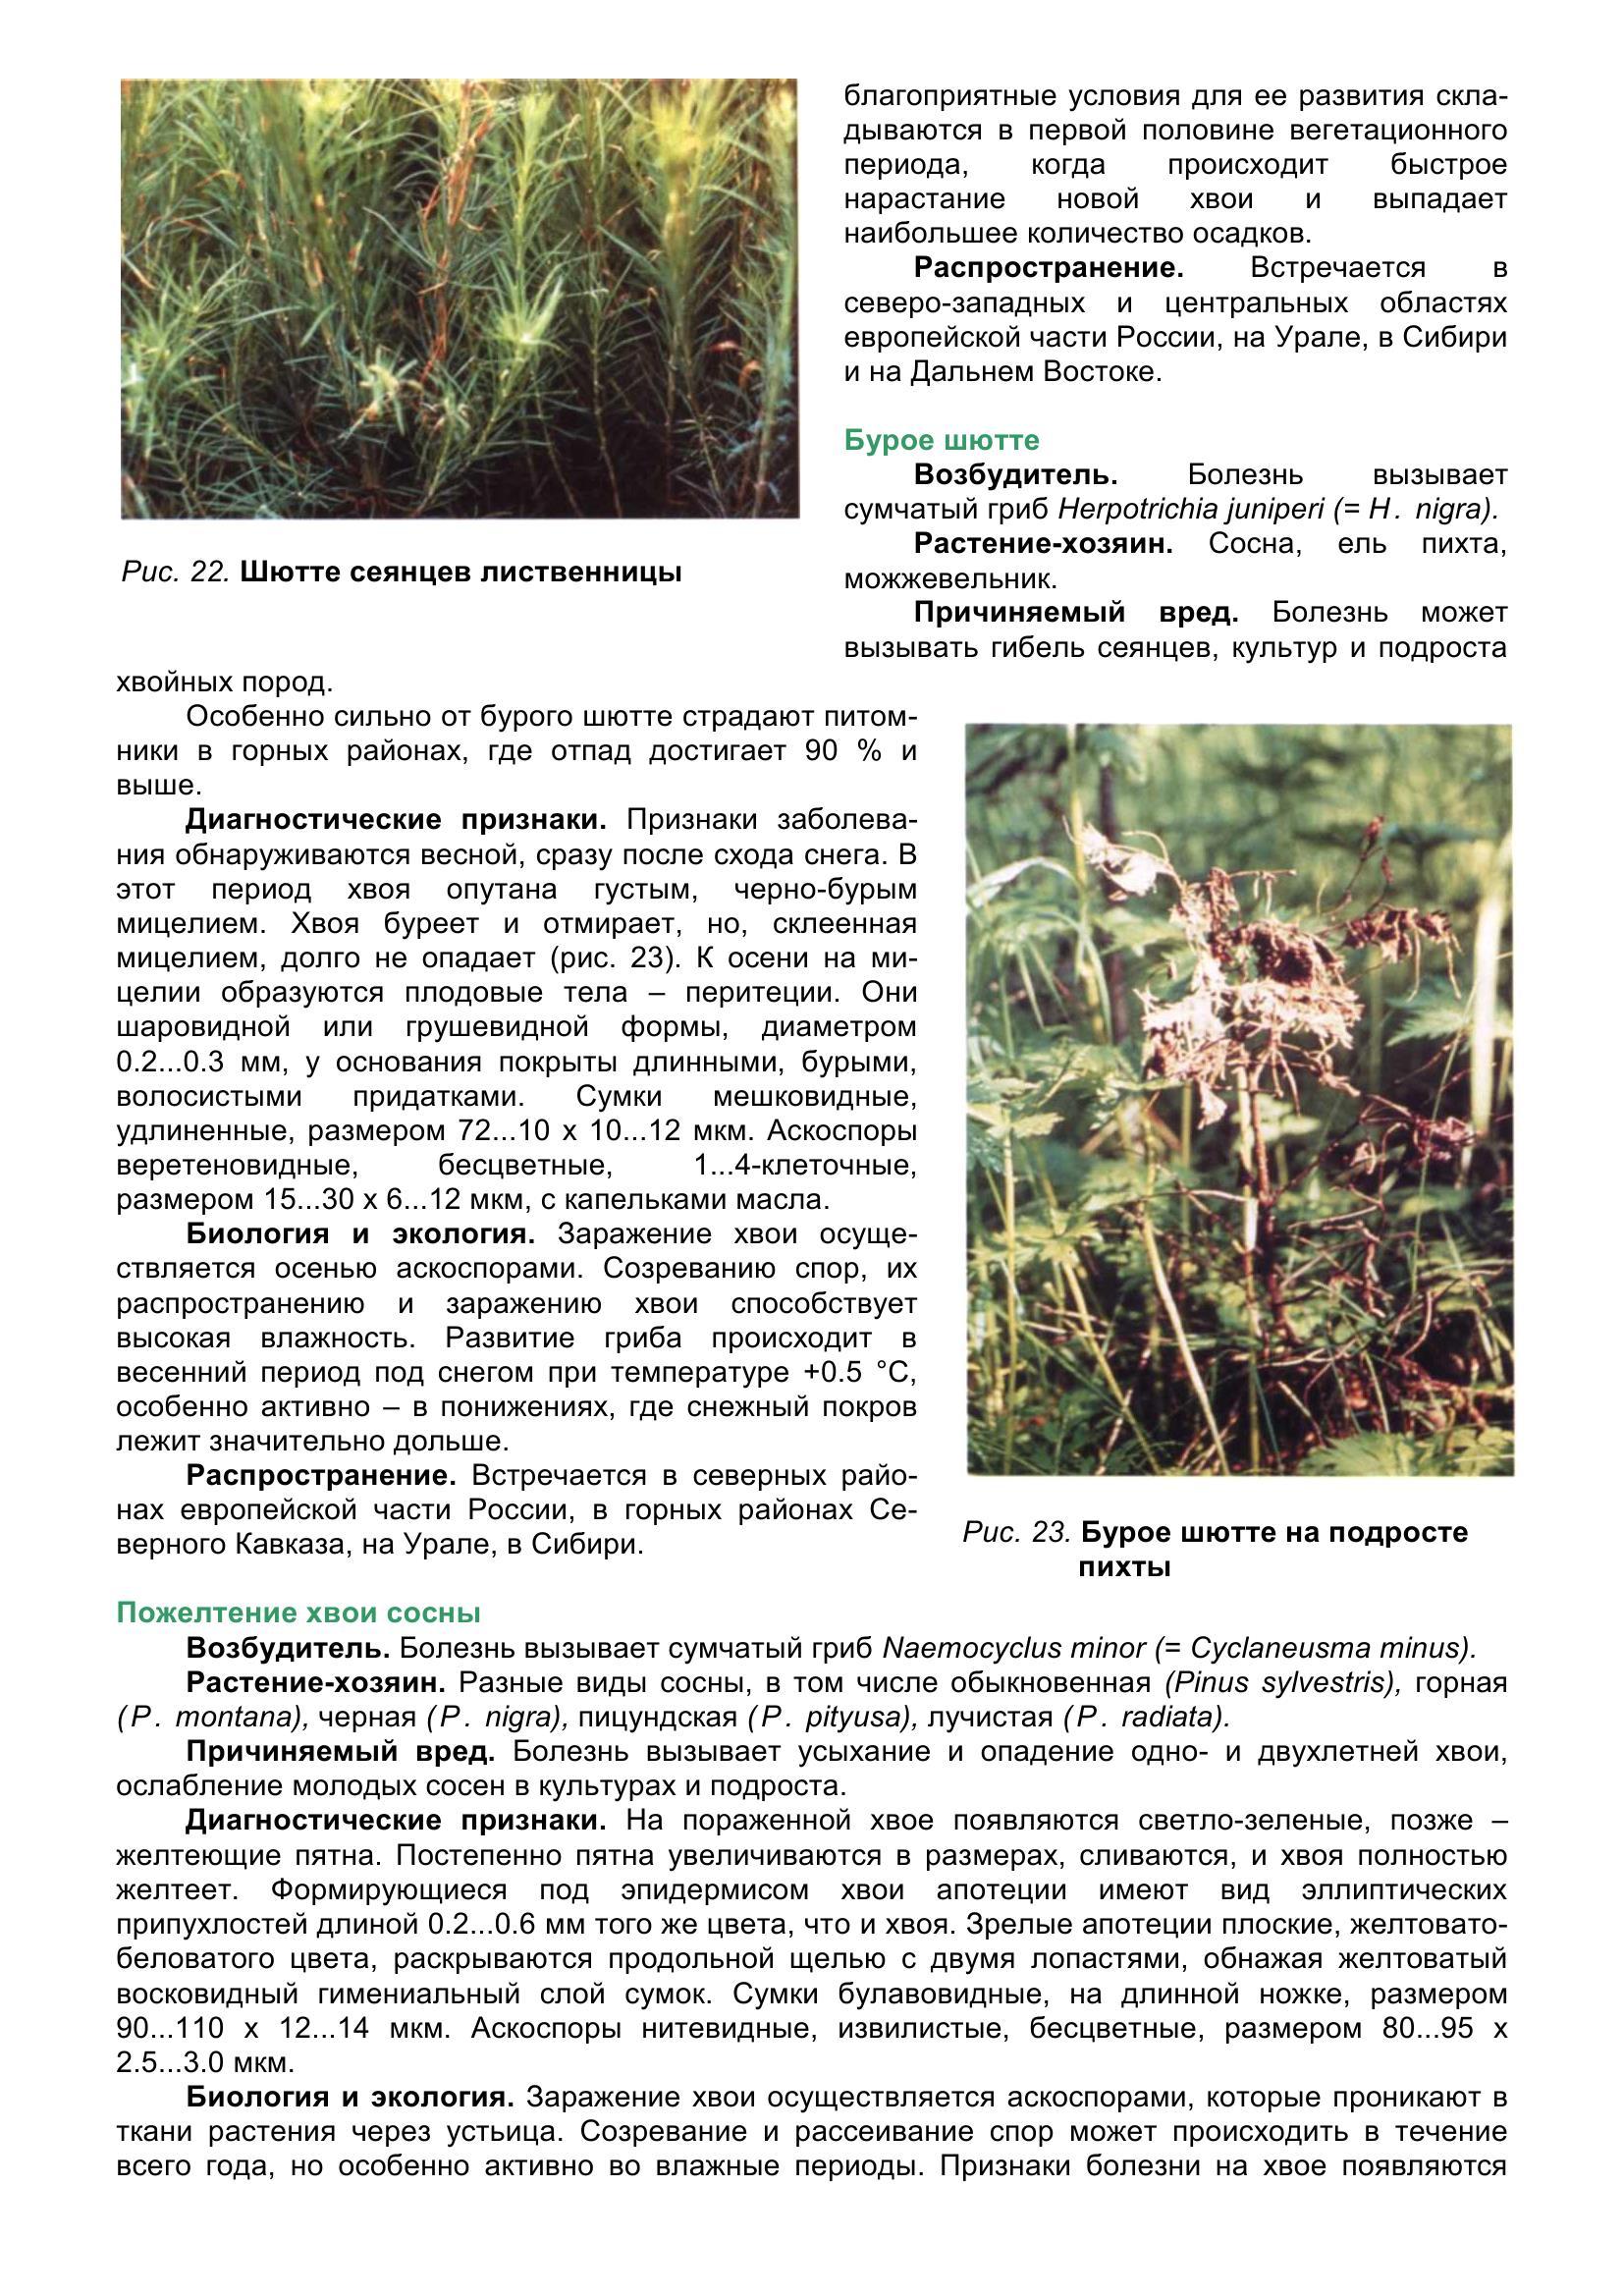 Болезни_древесных_растений_042.jpg